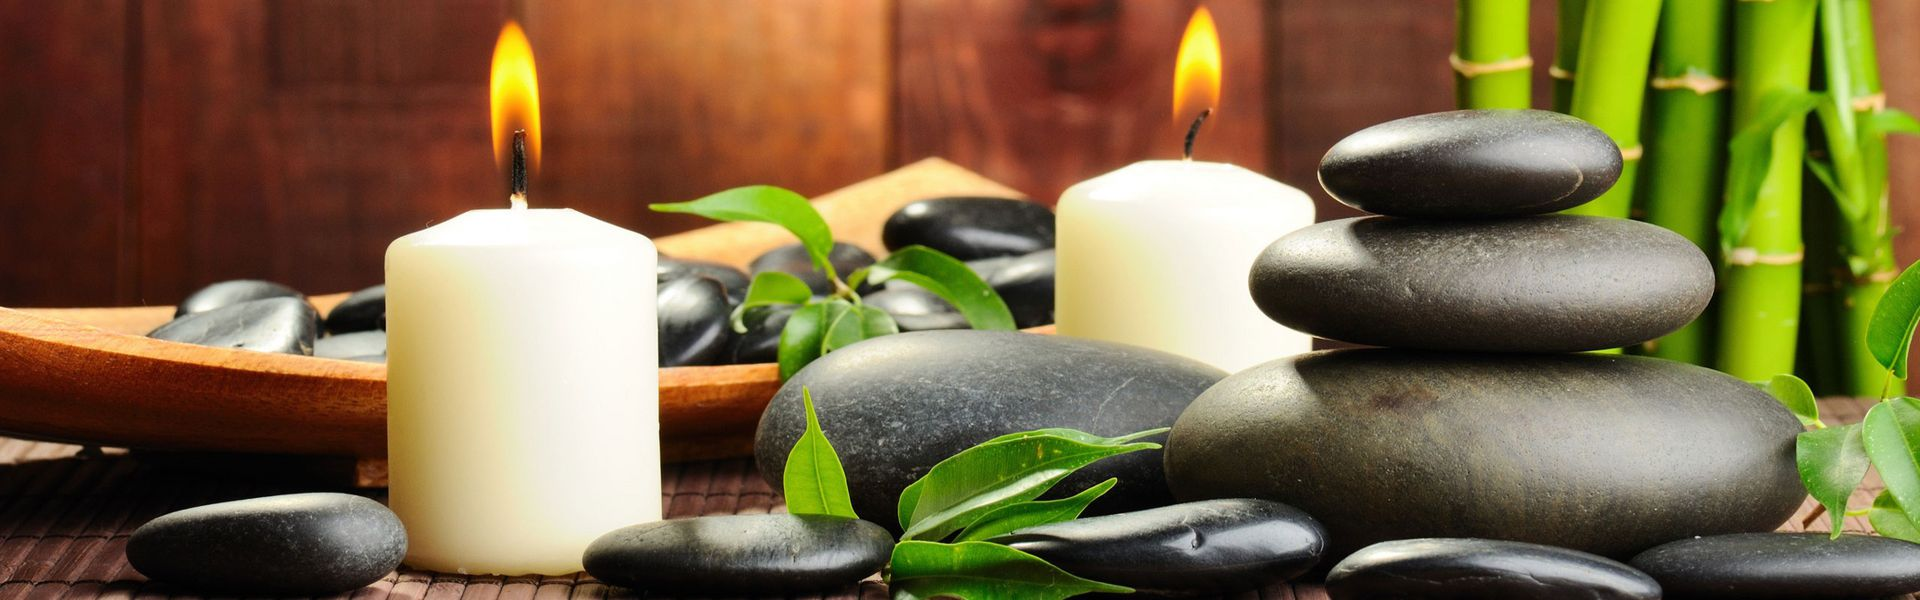 salon-de-masaj-craiova